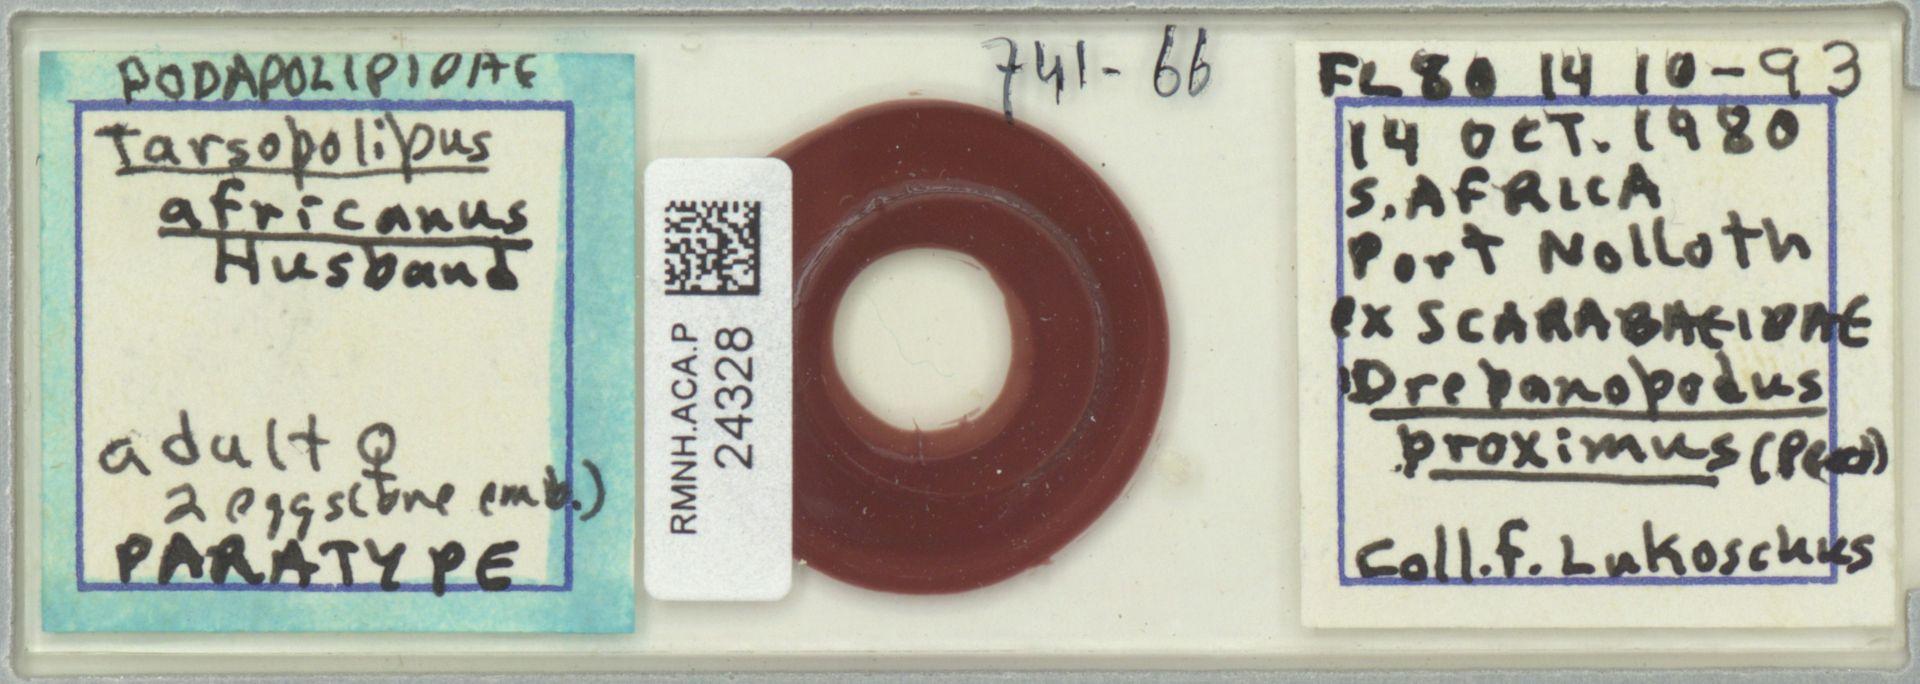 RMNH.ACA.P.24328 | Tarsopolipus africanus Husband